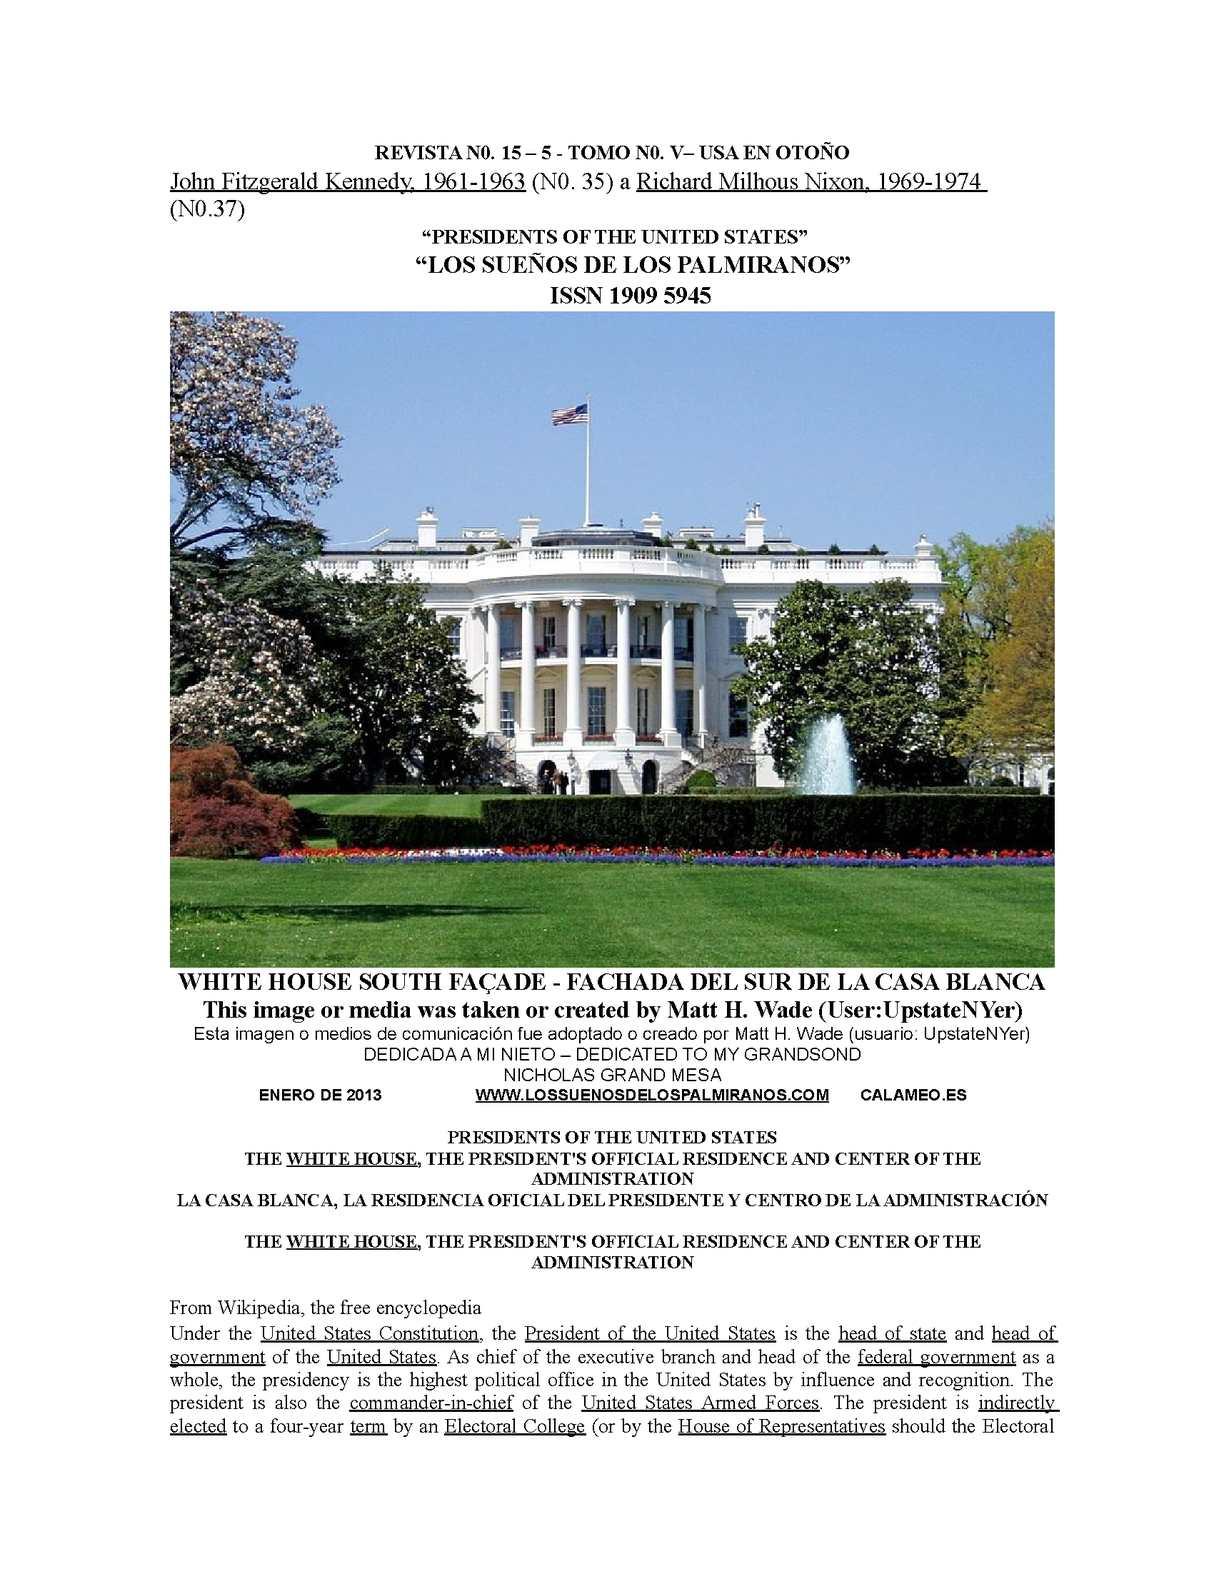 Calaméo - REVISTA N0. 15 - 5 - TOMO V - PRESIDENTES USA - NOS. 35 a 37